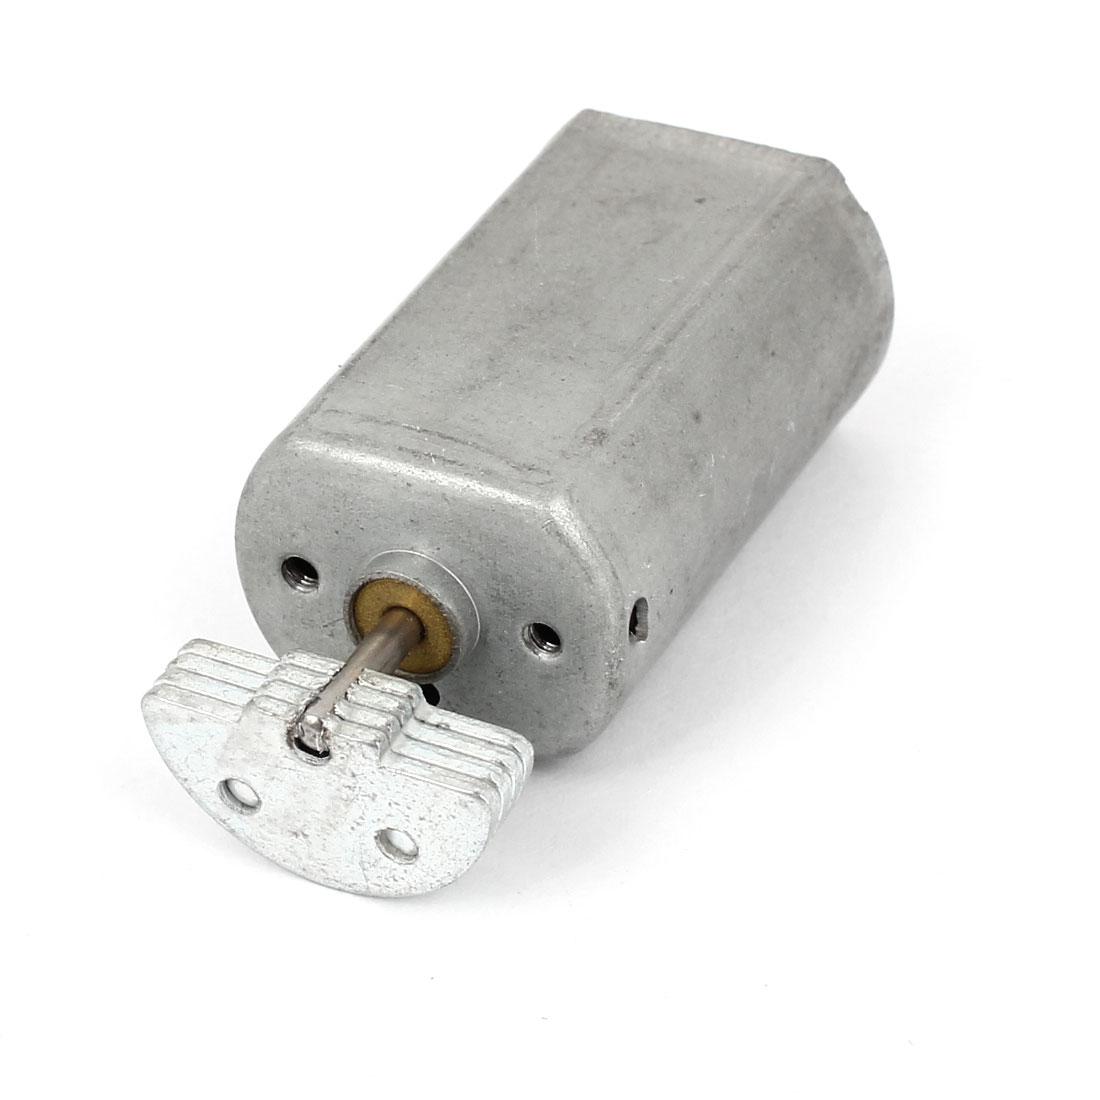 DC 1.5-6V 22400RPM Soldering Mini Vibration Vibrating Motor Silver Tone